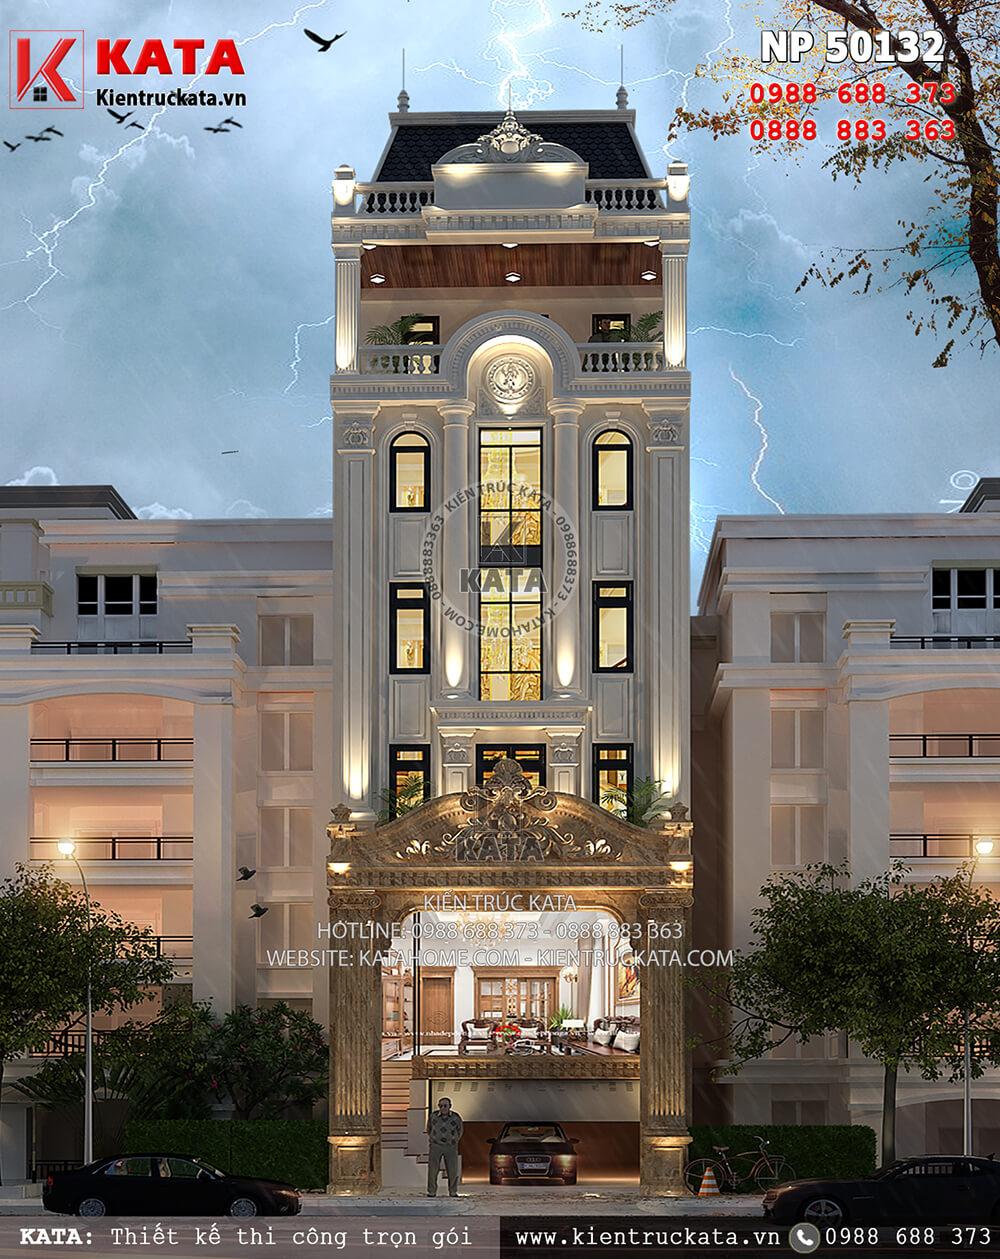 Mẫu thiết kế khách sạn 2 sao kiến trúc tân cổ điển đầy ấn tượng tại Nha Trang